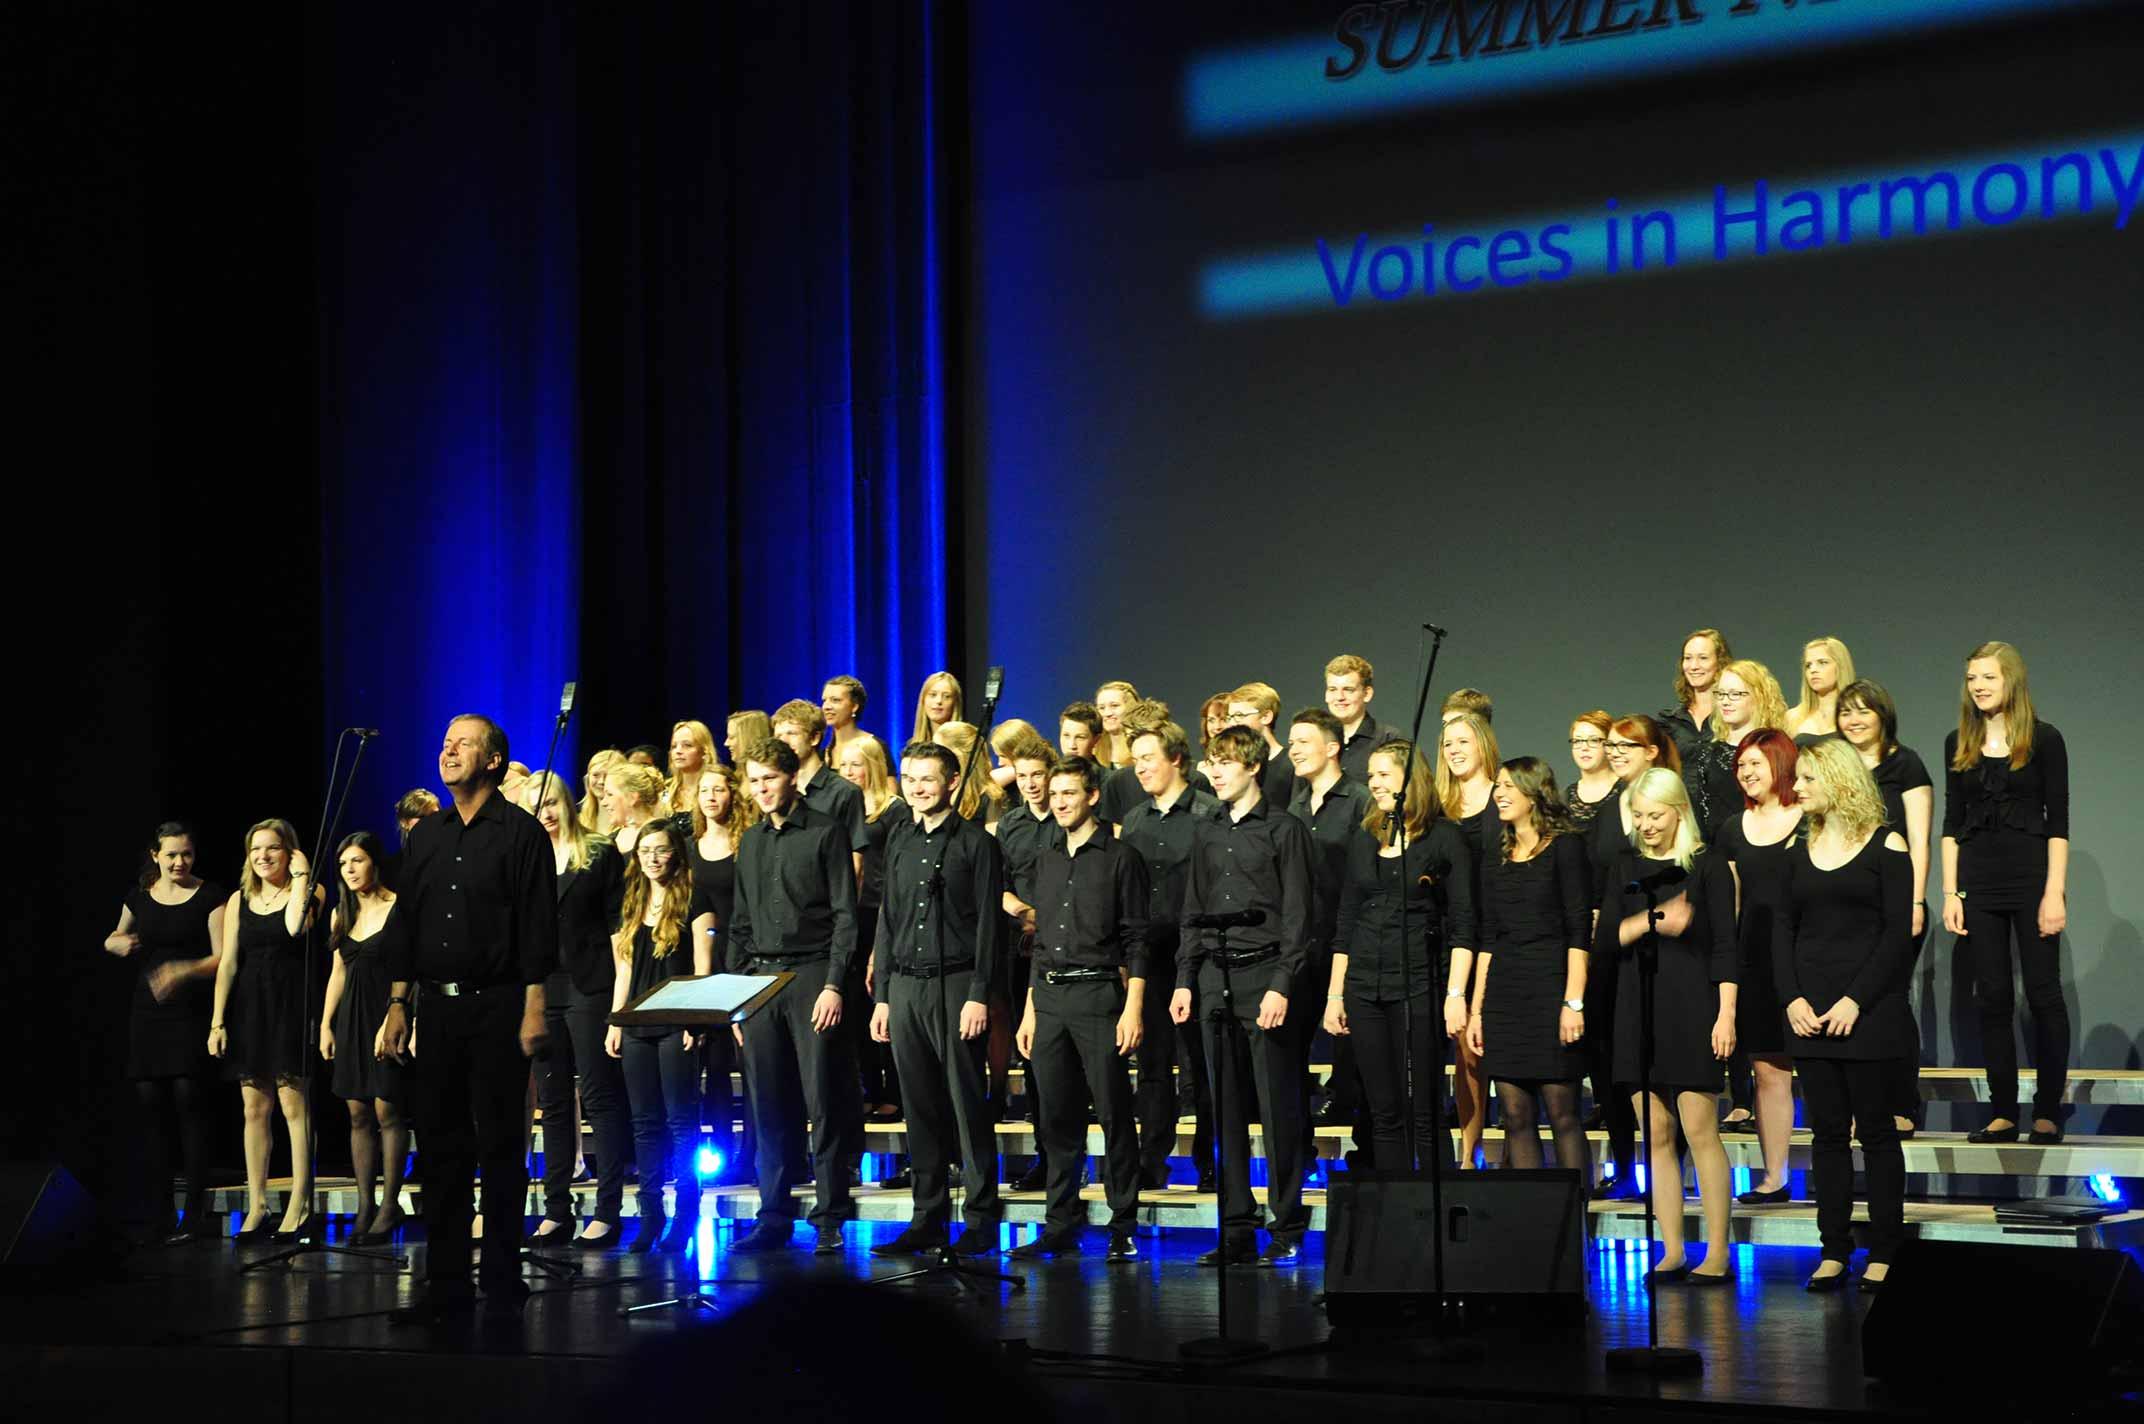 Jugendchor Voices in Harmony auf der Bühne